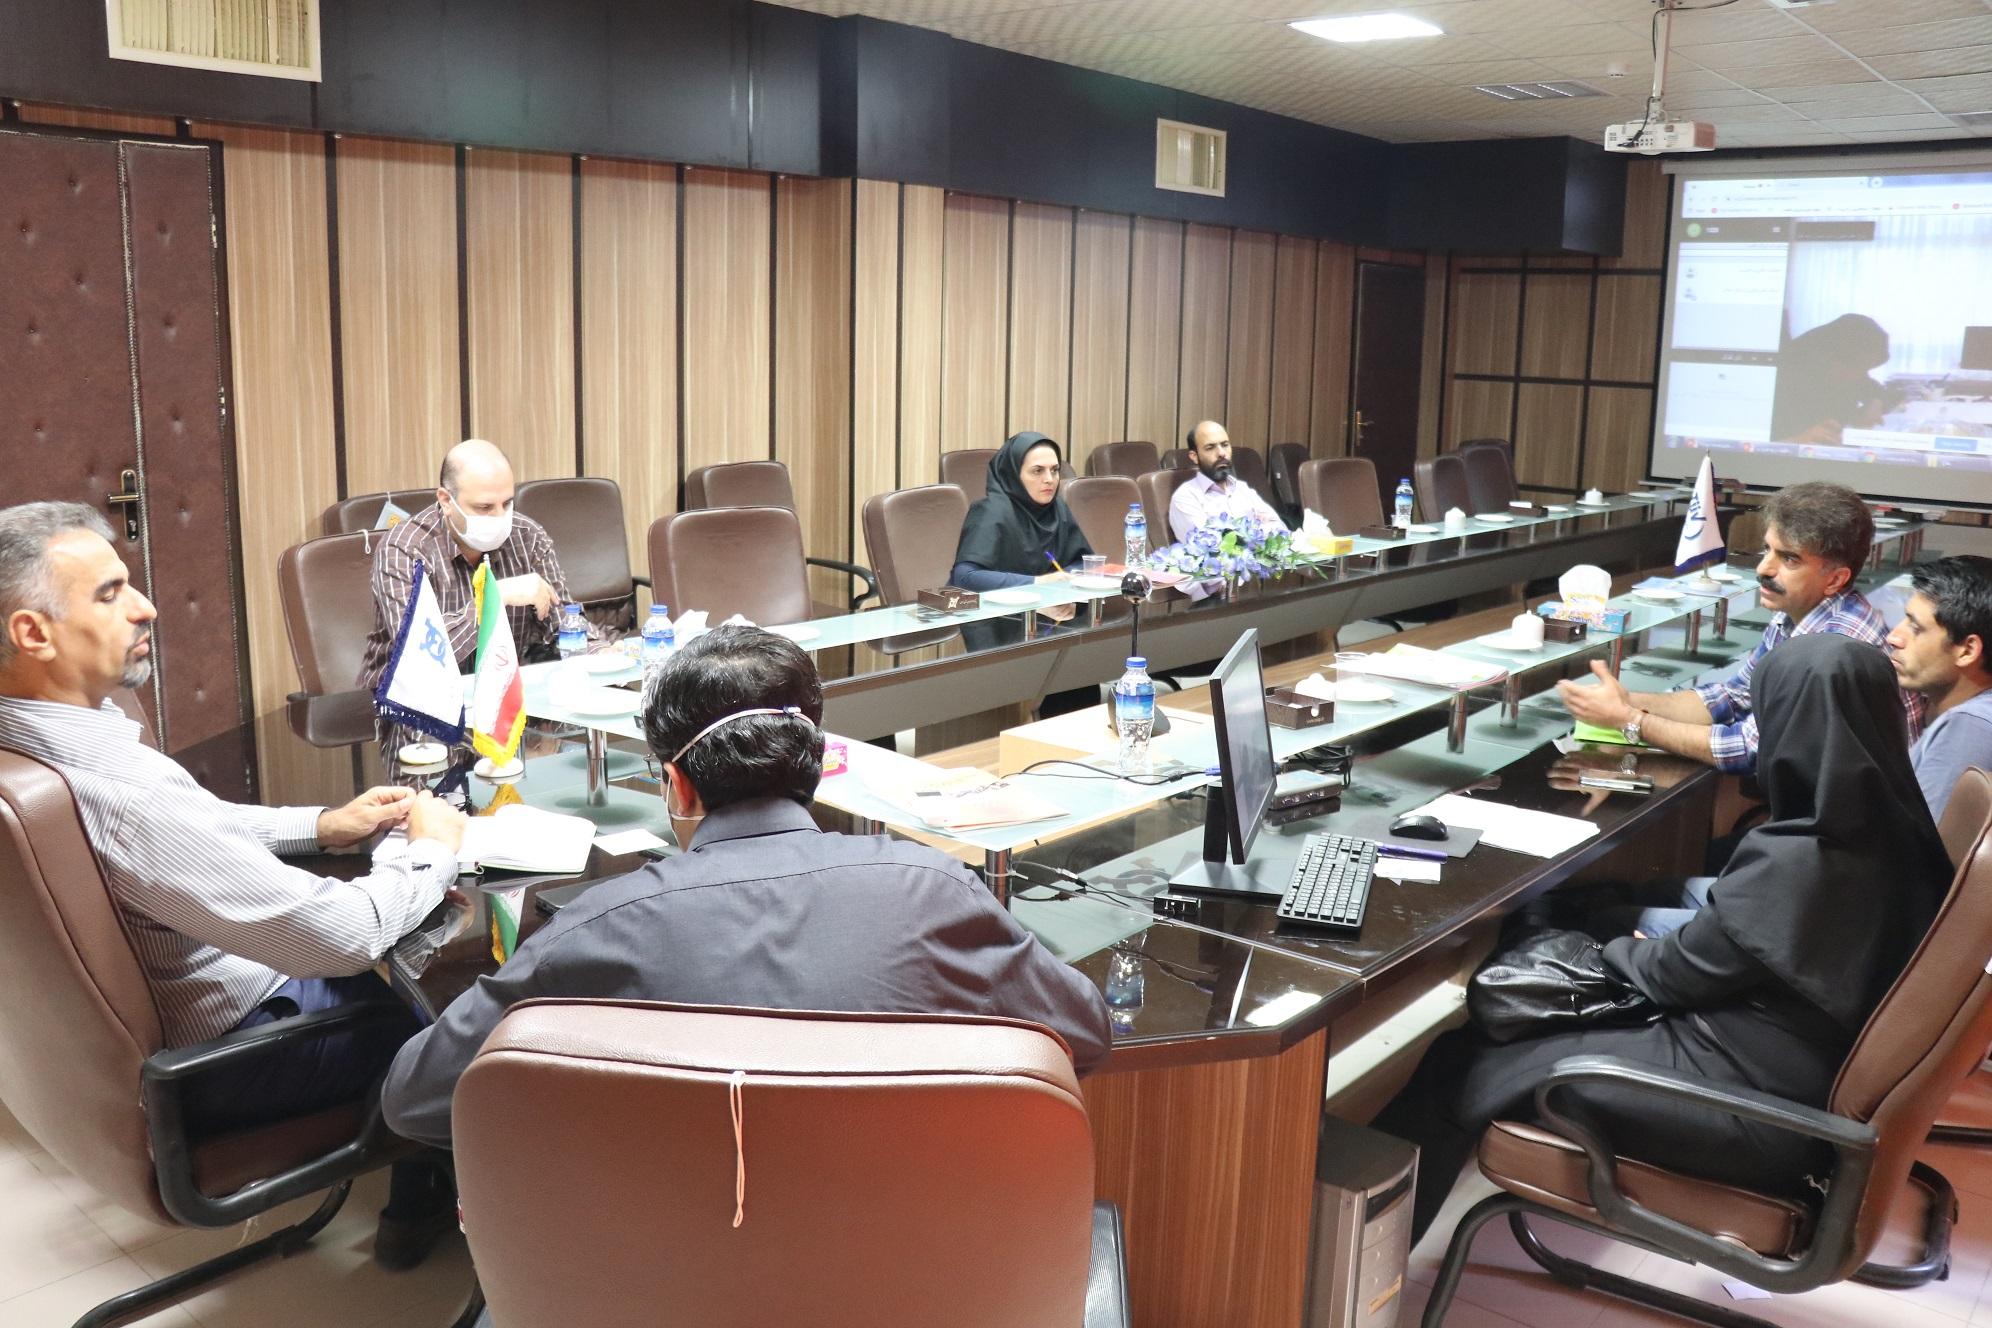 تصویب ۳۹۰۰ میلیون ریال تسهیلات برای واحد های فناور استان سمنان در جلسه مشترک با حضور صندوق پژوهش و فناوری استان سمنان و معاونت علمی وفناوری ریاست جمهوری